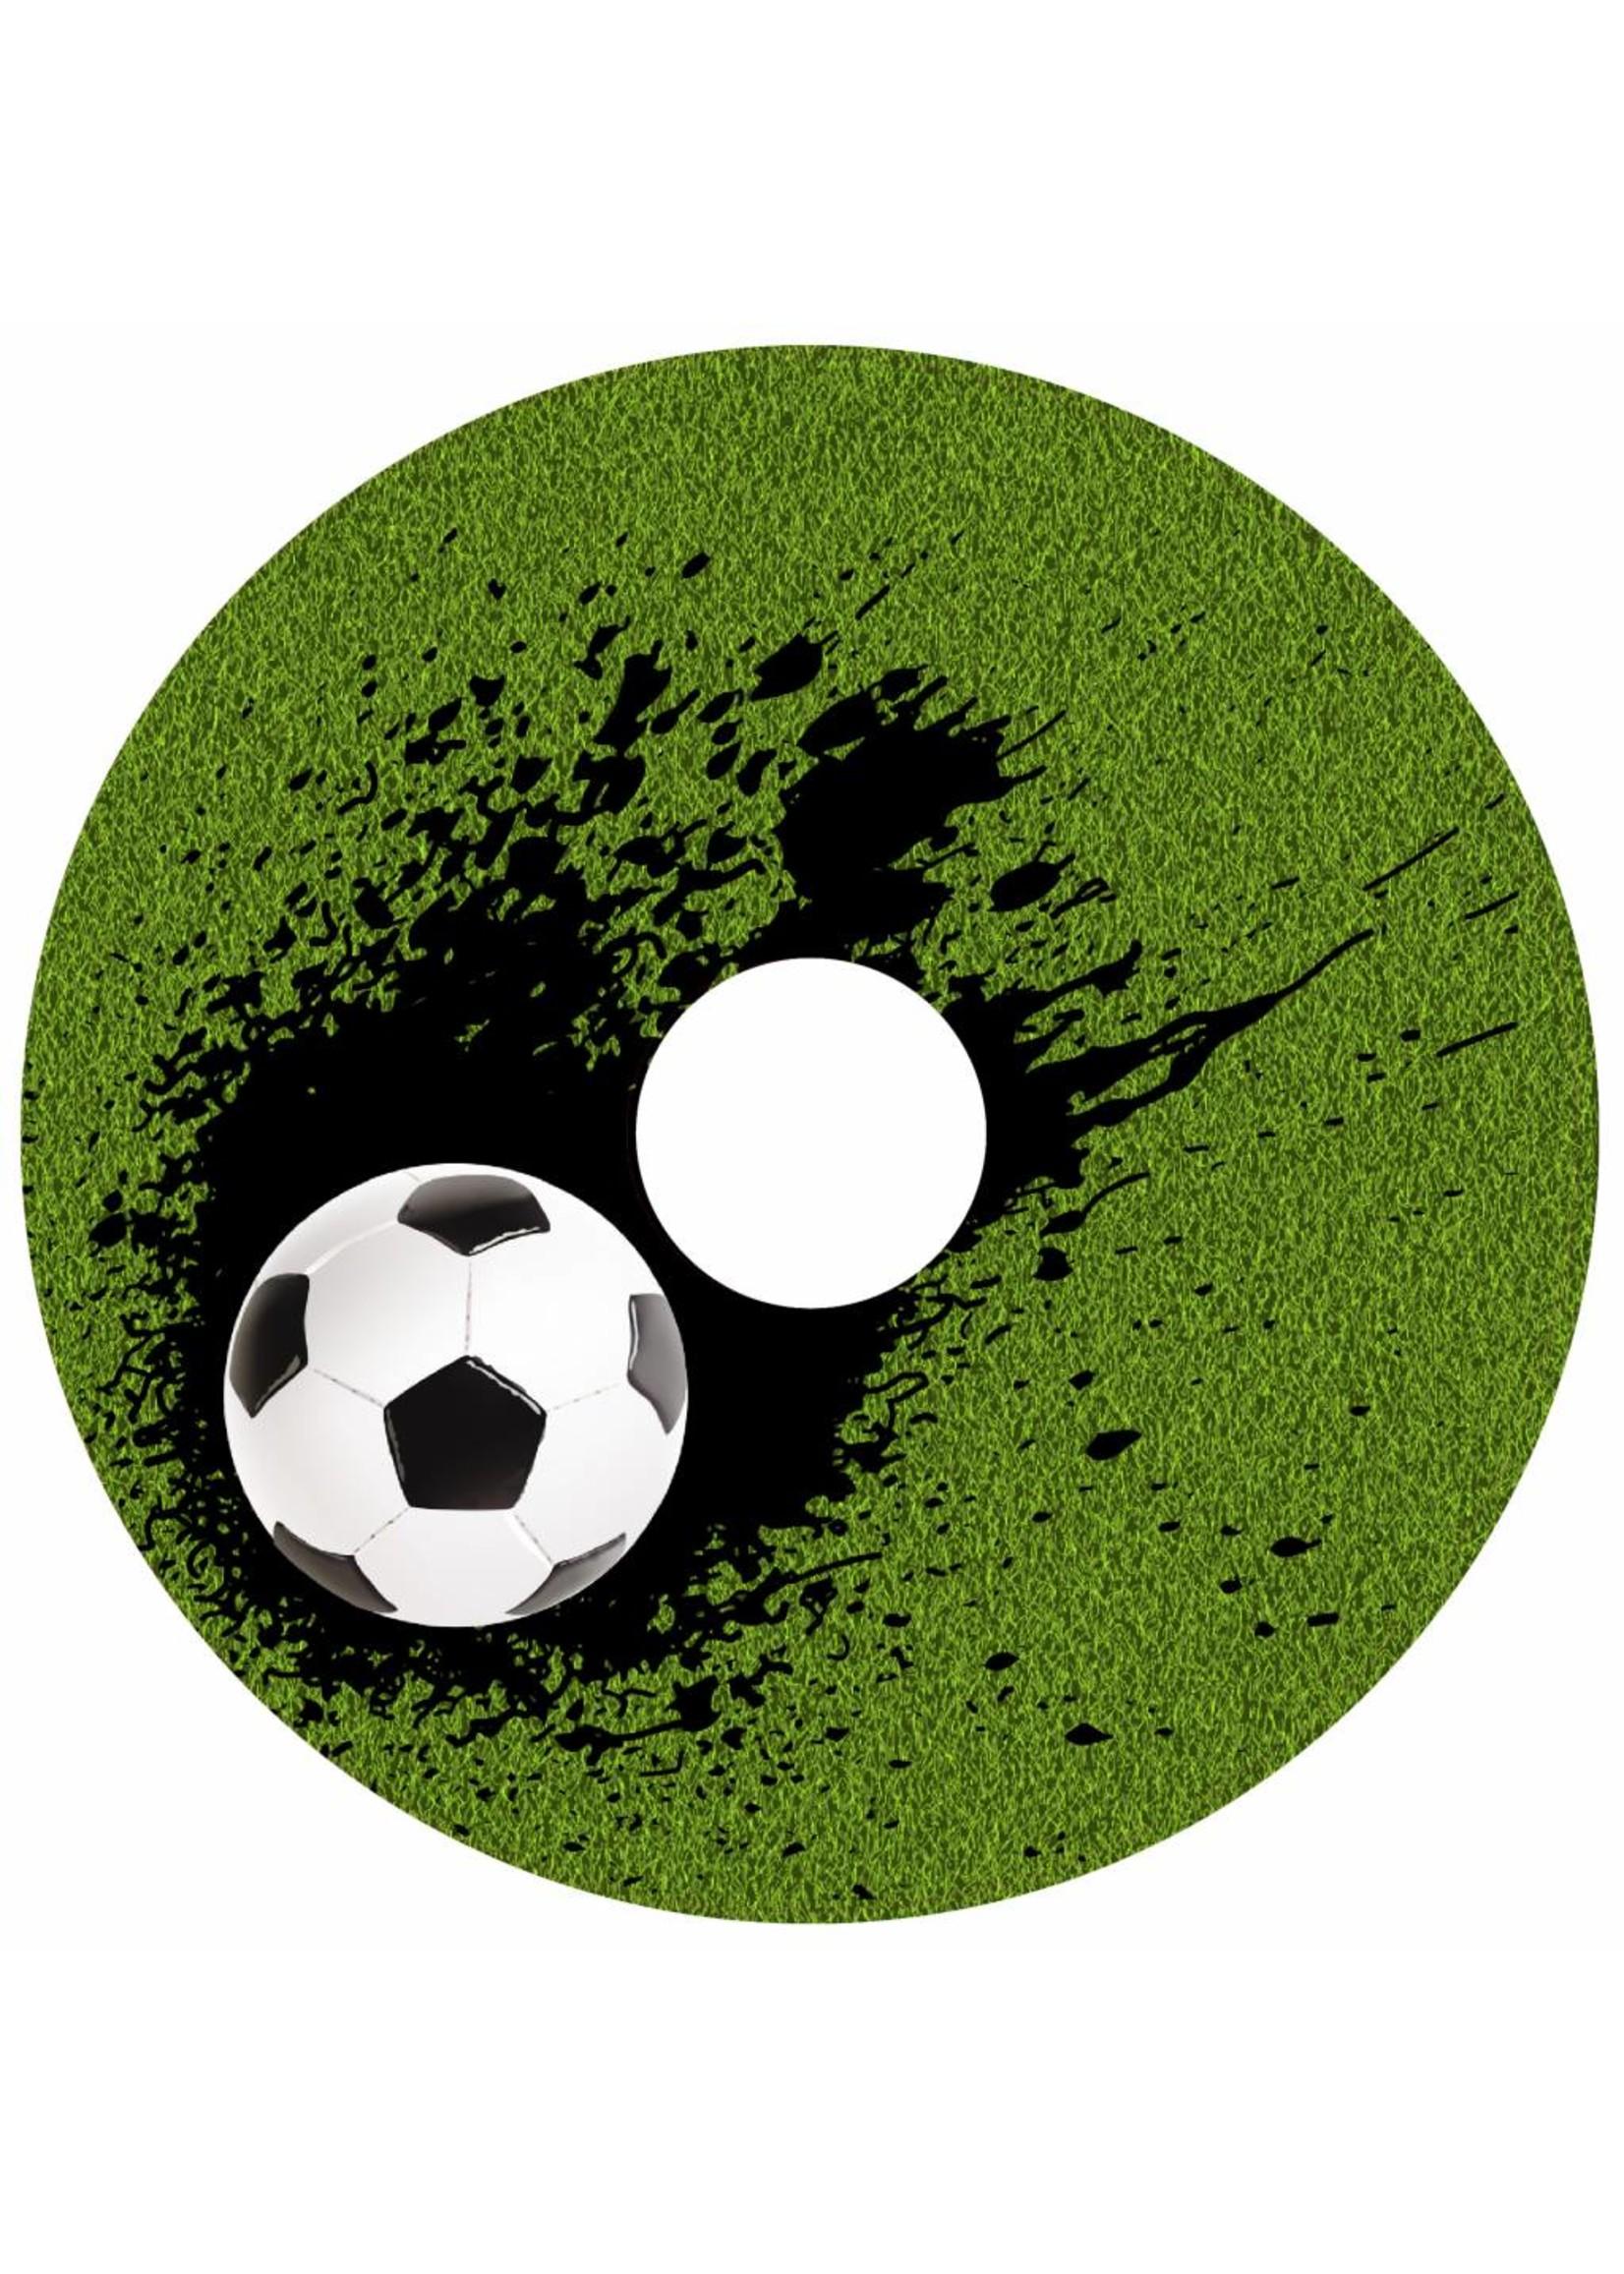 Rolstoelstickers voor spaakbeschermer - voetbal - 2 stuks